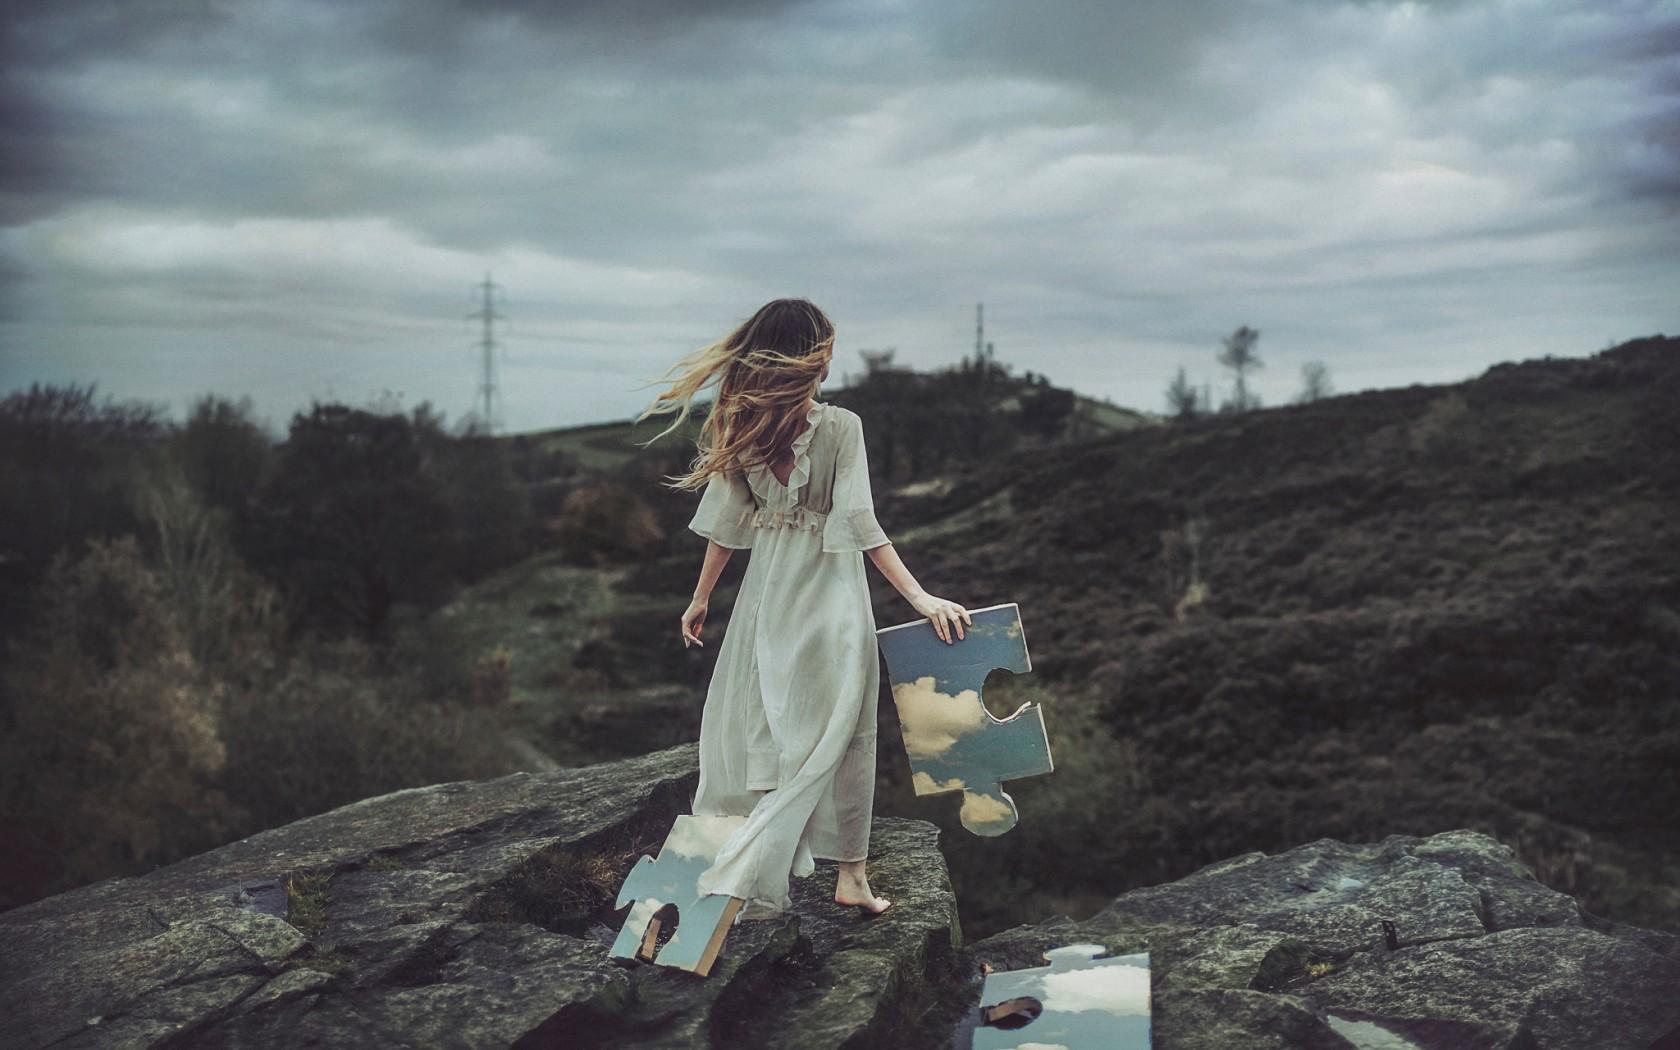 """Анна Бреслин: """"Бездетность должна рассматриваться как вариант счастливой жизни, а не как жалкое существование"""""""